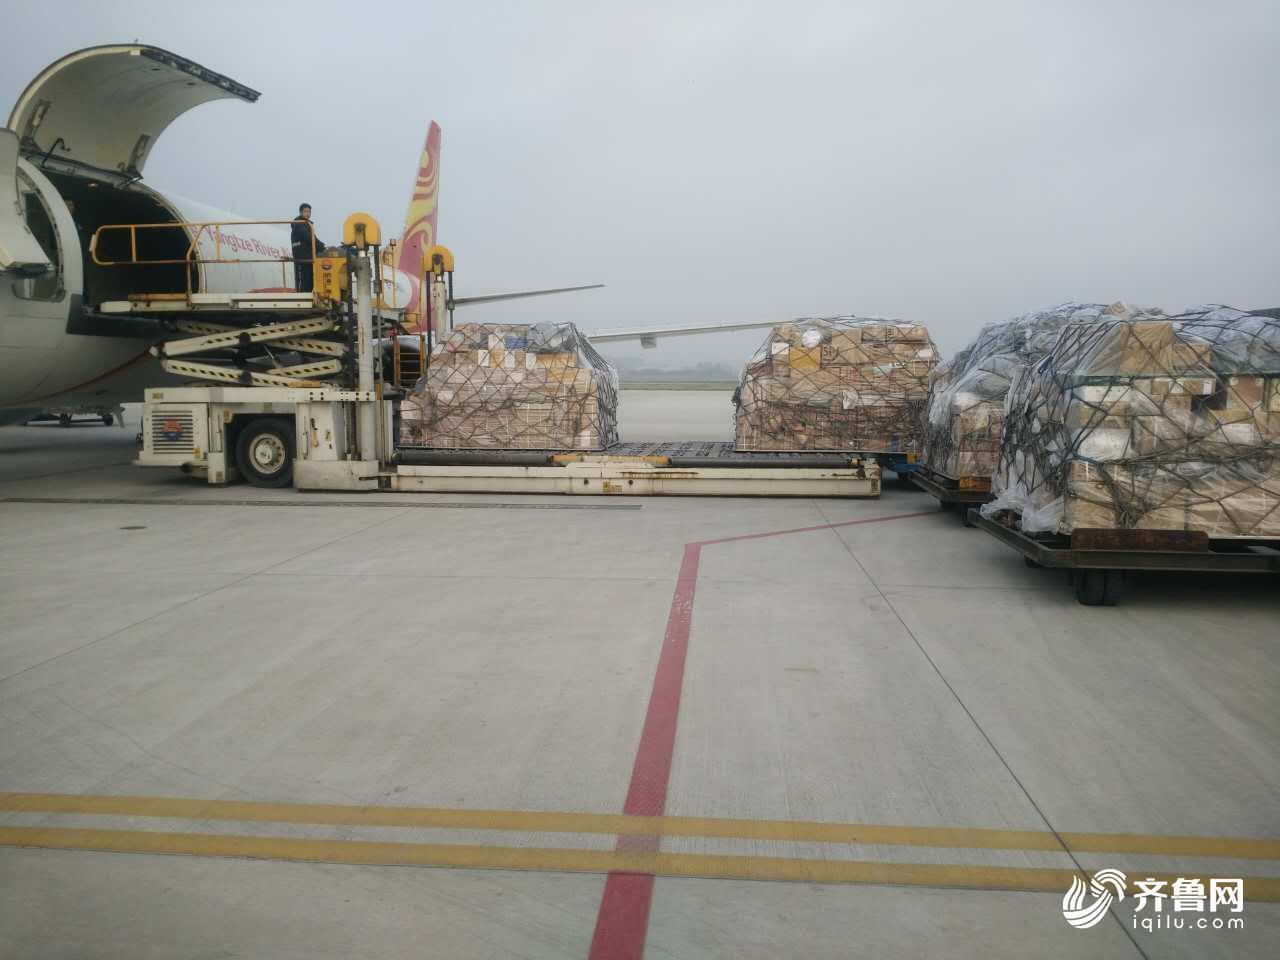 樱桃季来啦!看青岛机场如何轻拿轻放运输你网购的樱桃